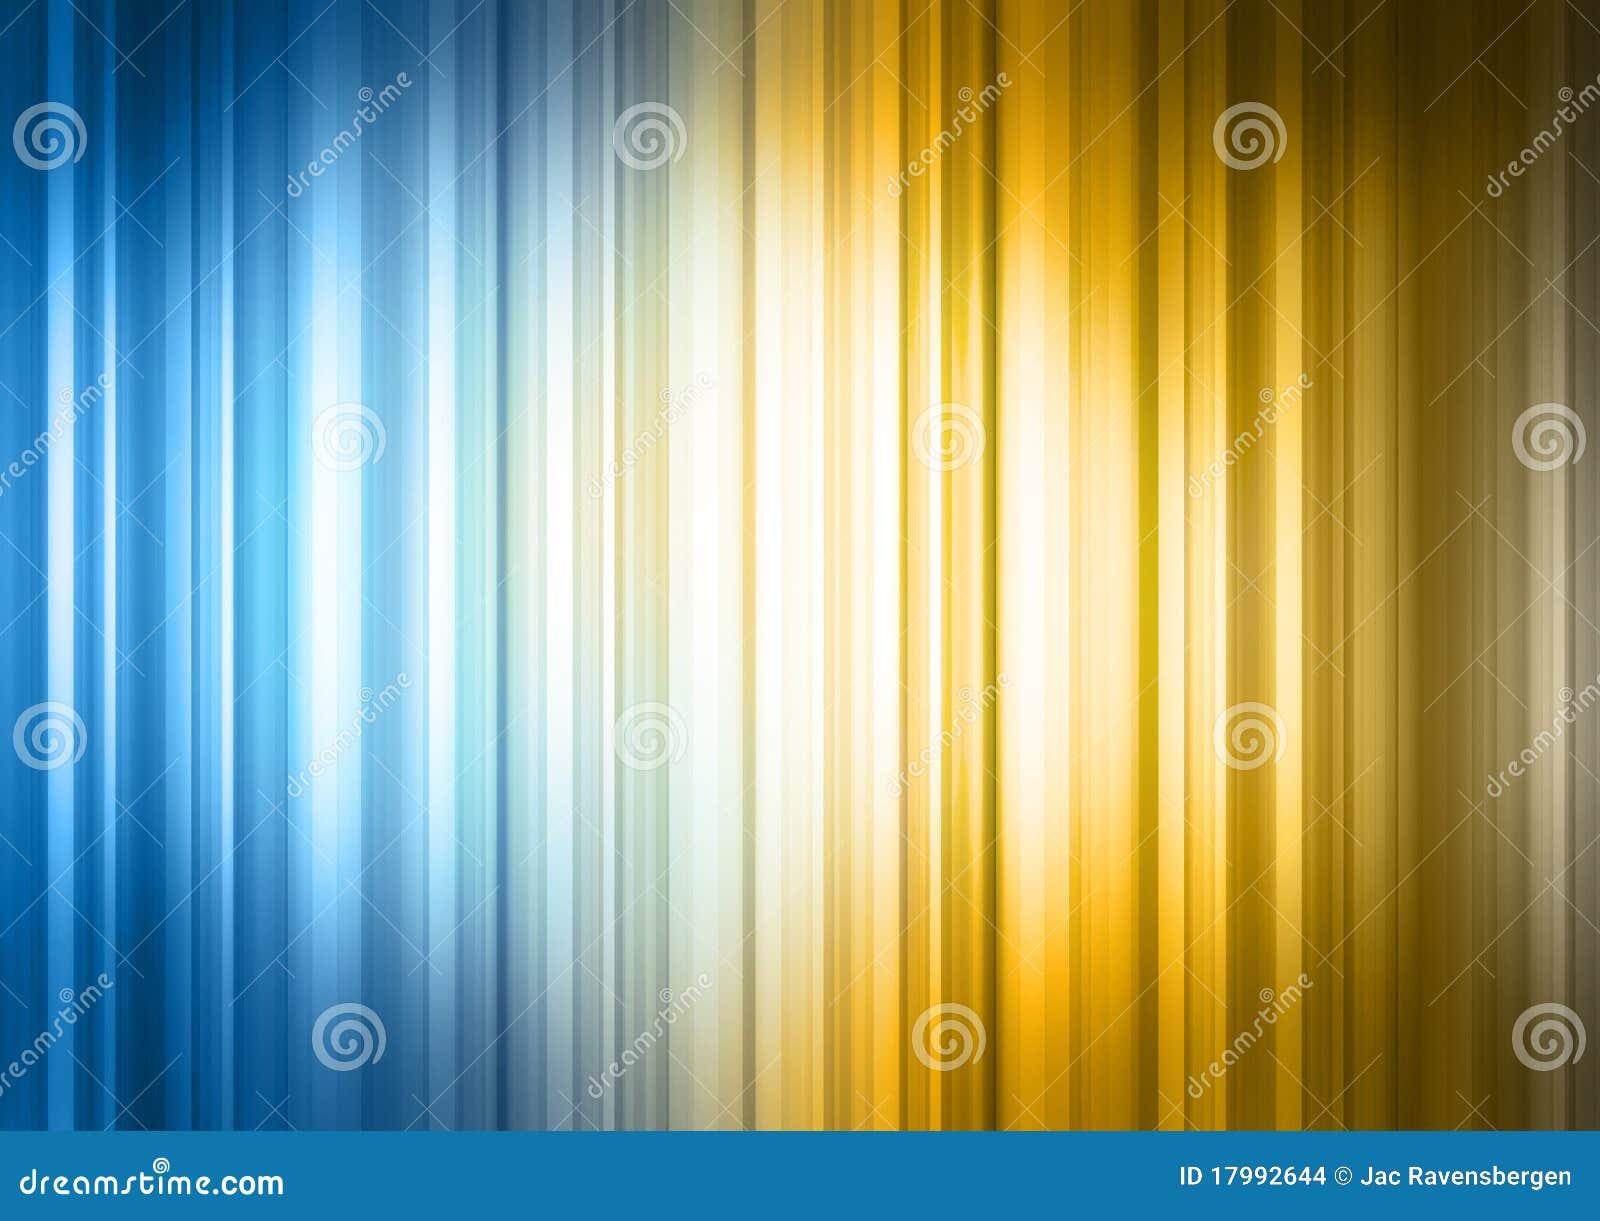 Espectro Listrado Amarelo Azul Imagens de Stock Imagem: 17992644 #634B0A 1300x1009 Banheiro Azul E Amarelo